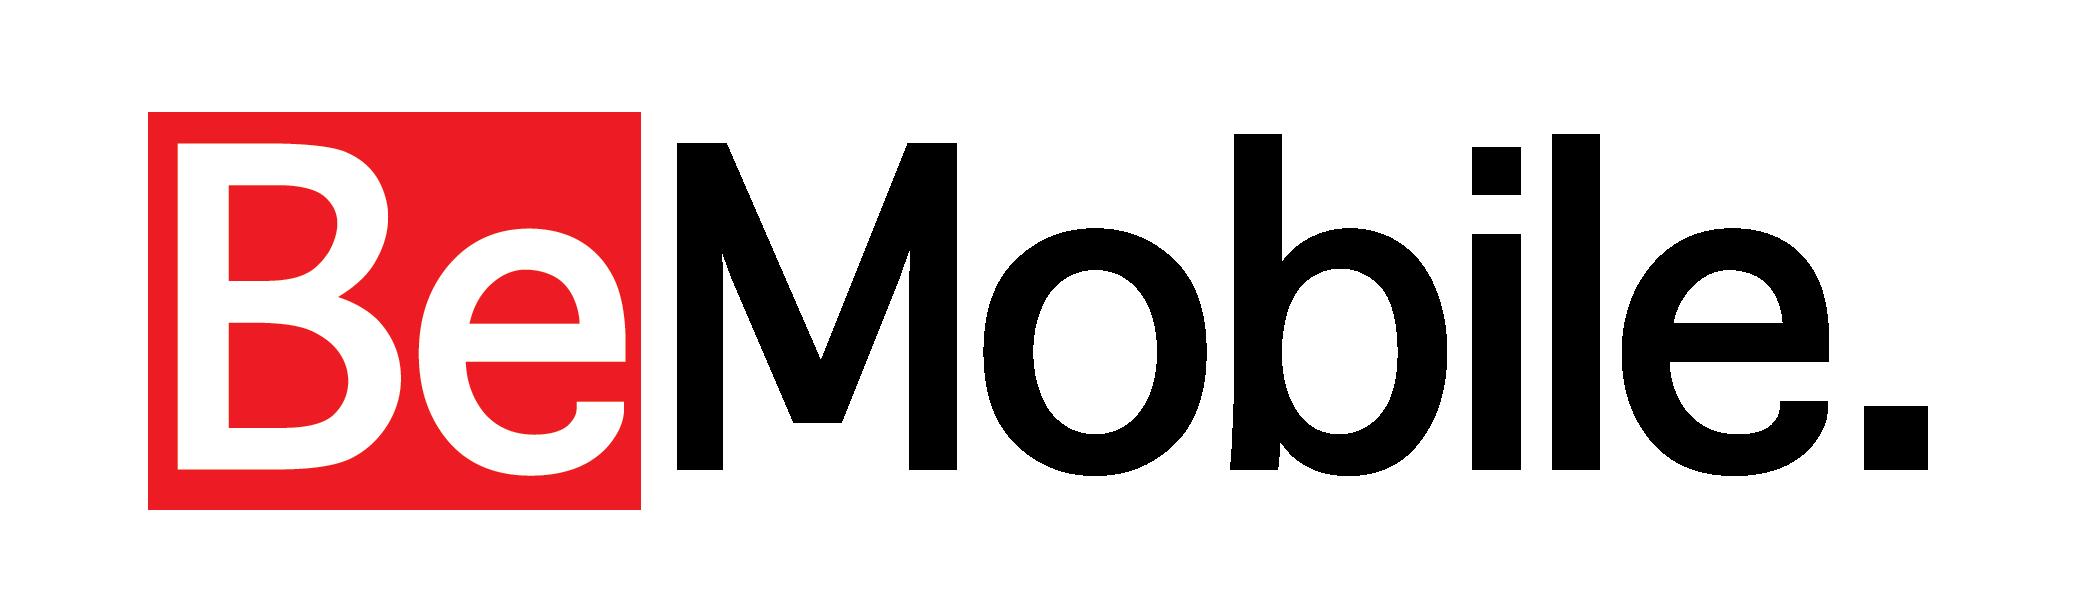 BeMobile_Logo-06